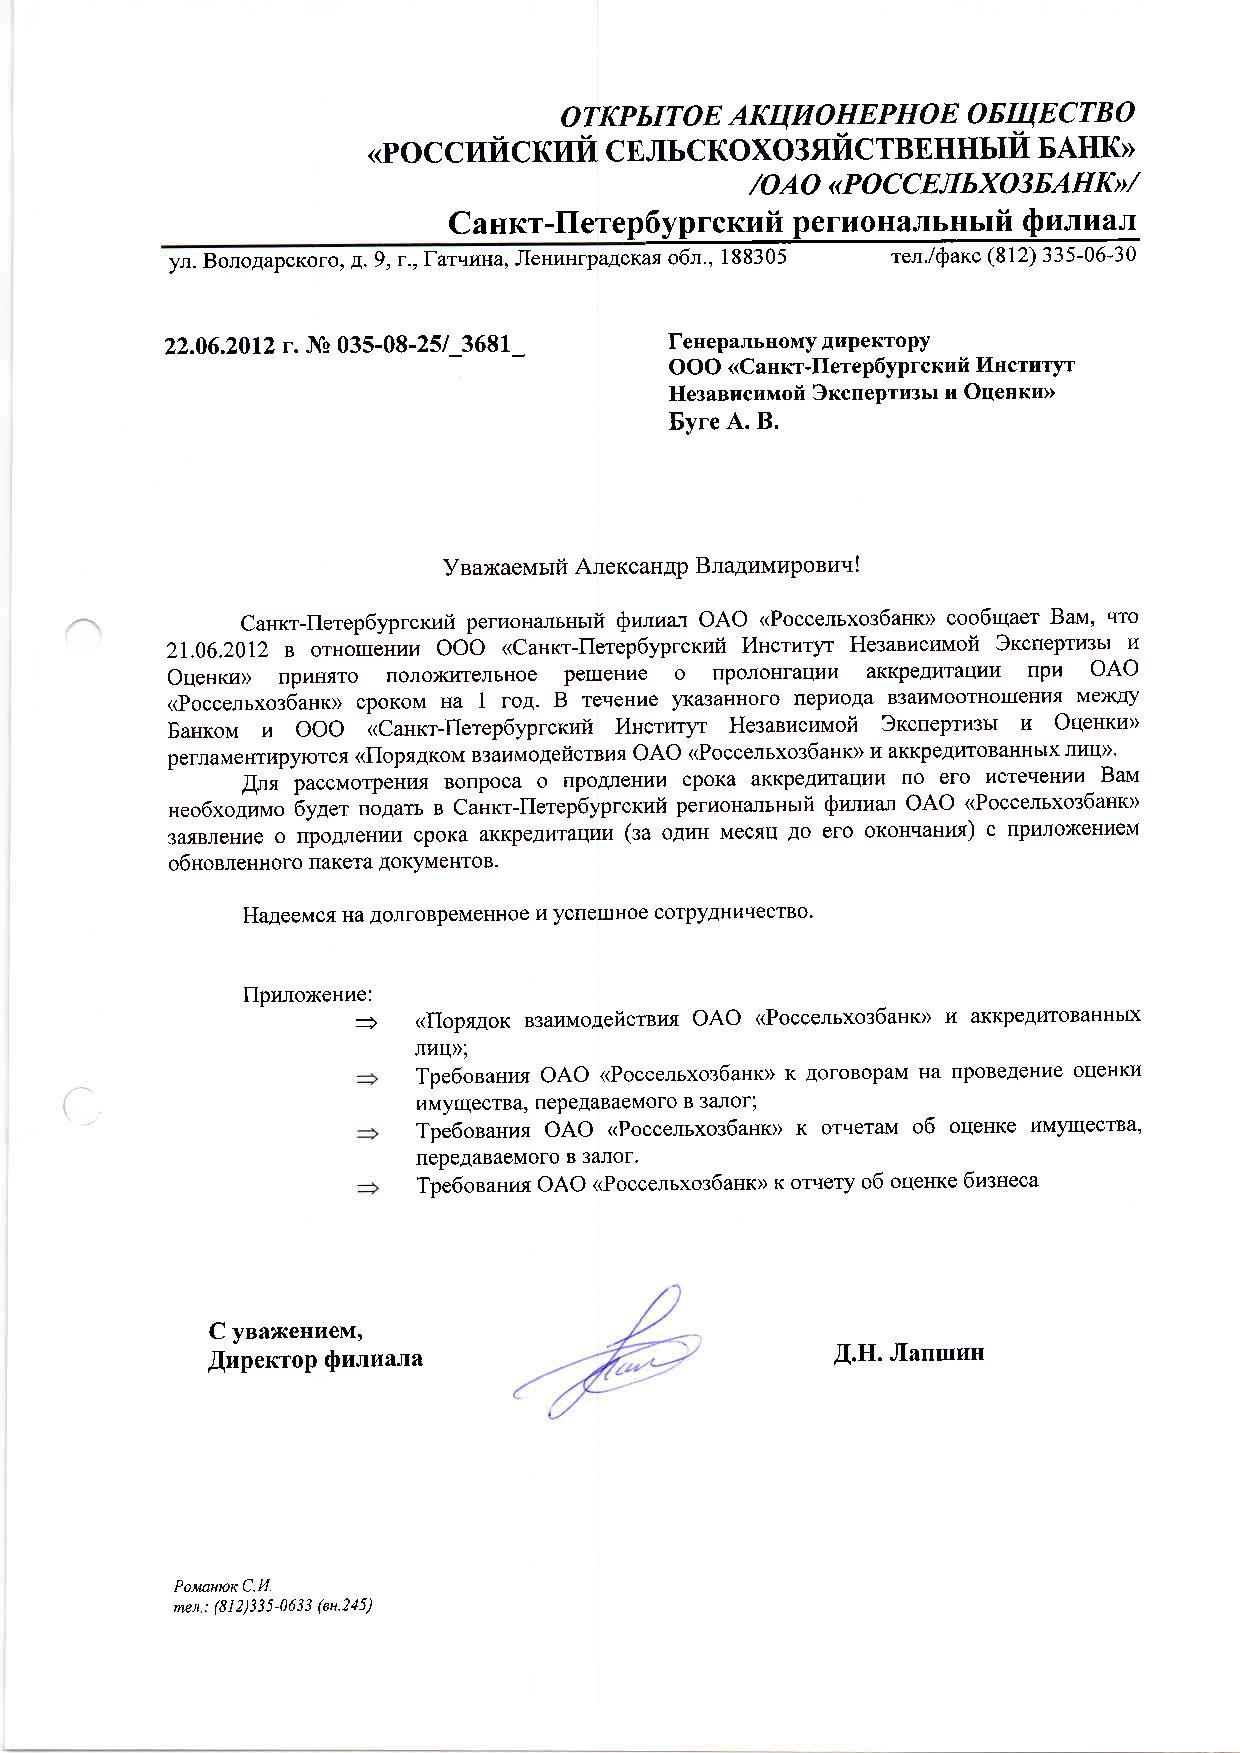 http://inexpert.ru/wp-content/uploads/2012/01/Scan1001.jpg